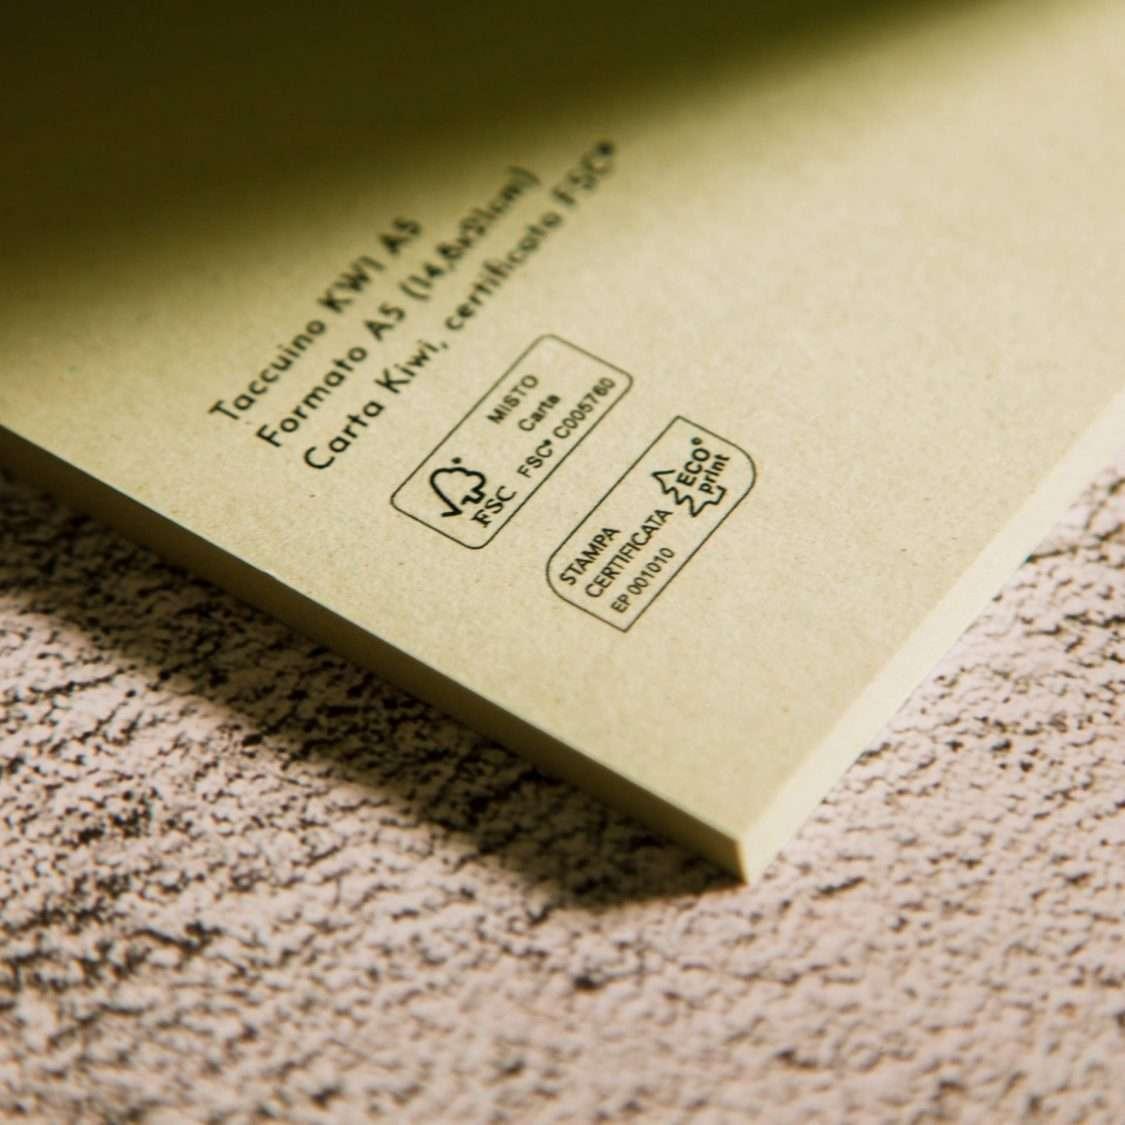 Quaderno in Carta ecologica FSC e Stampa a basso impatto ambientale certificata ECOPrint- Konobooks KW1